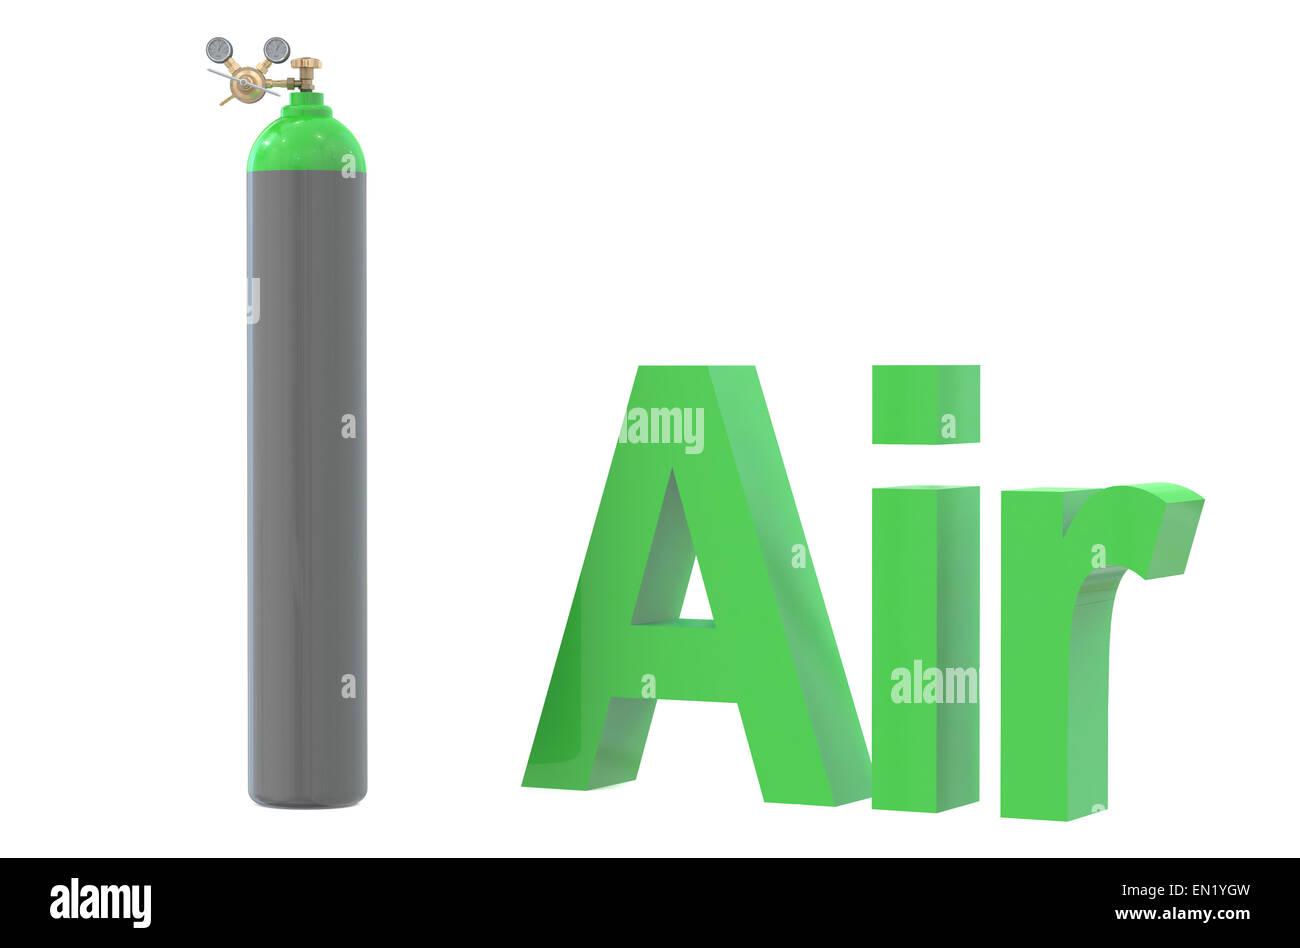 Regulator Air Pressure Stock Photos Regulator Air Pressure Stock